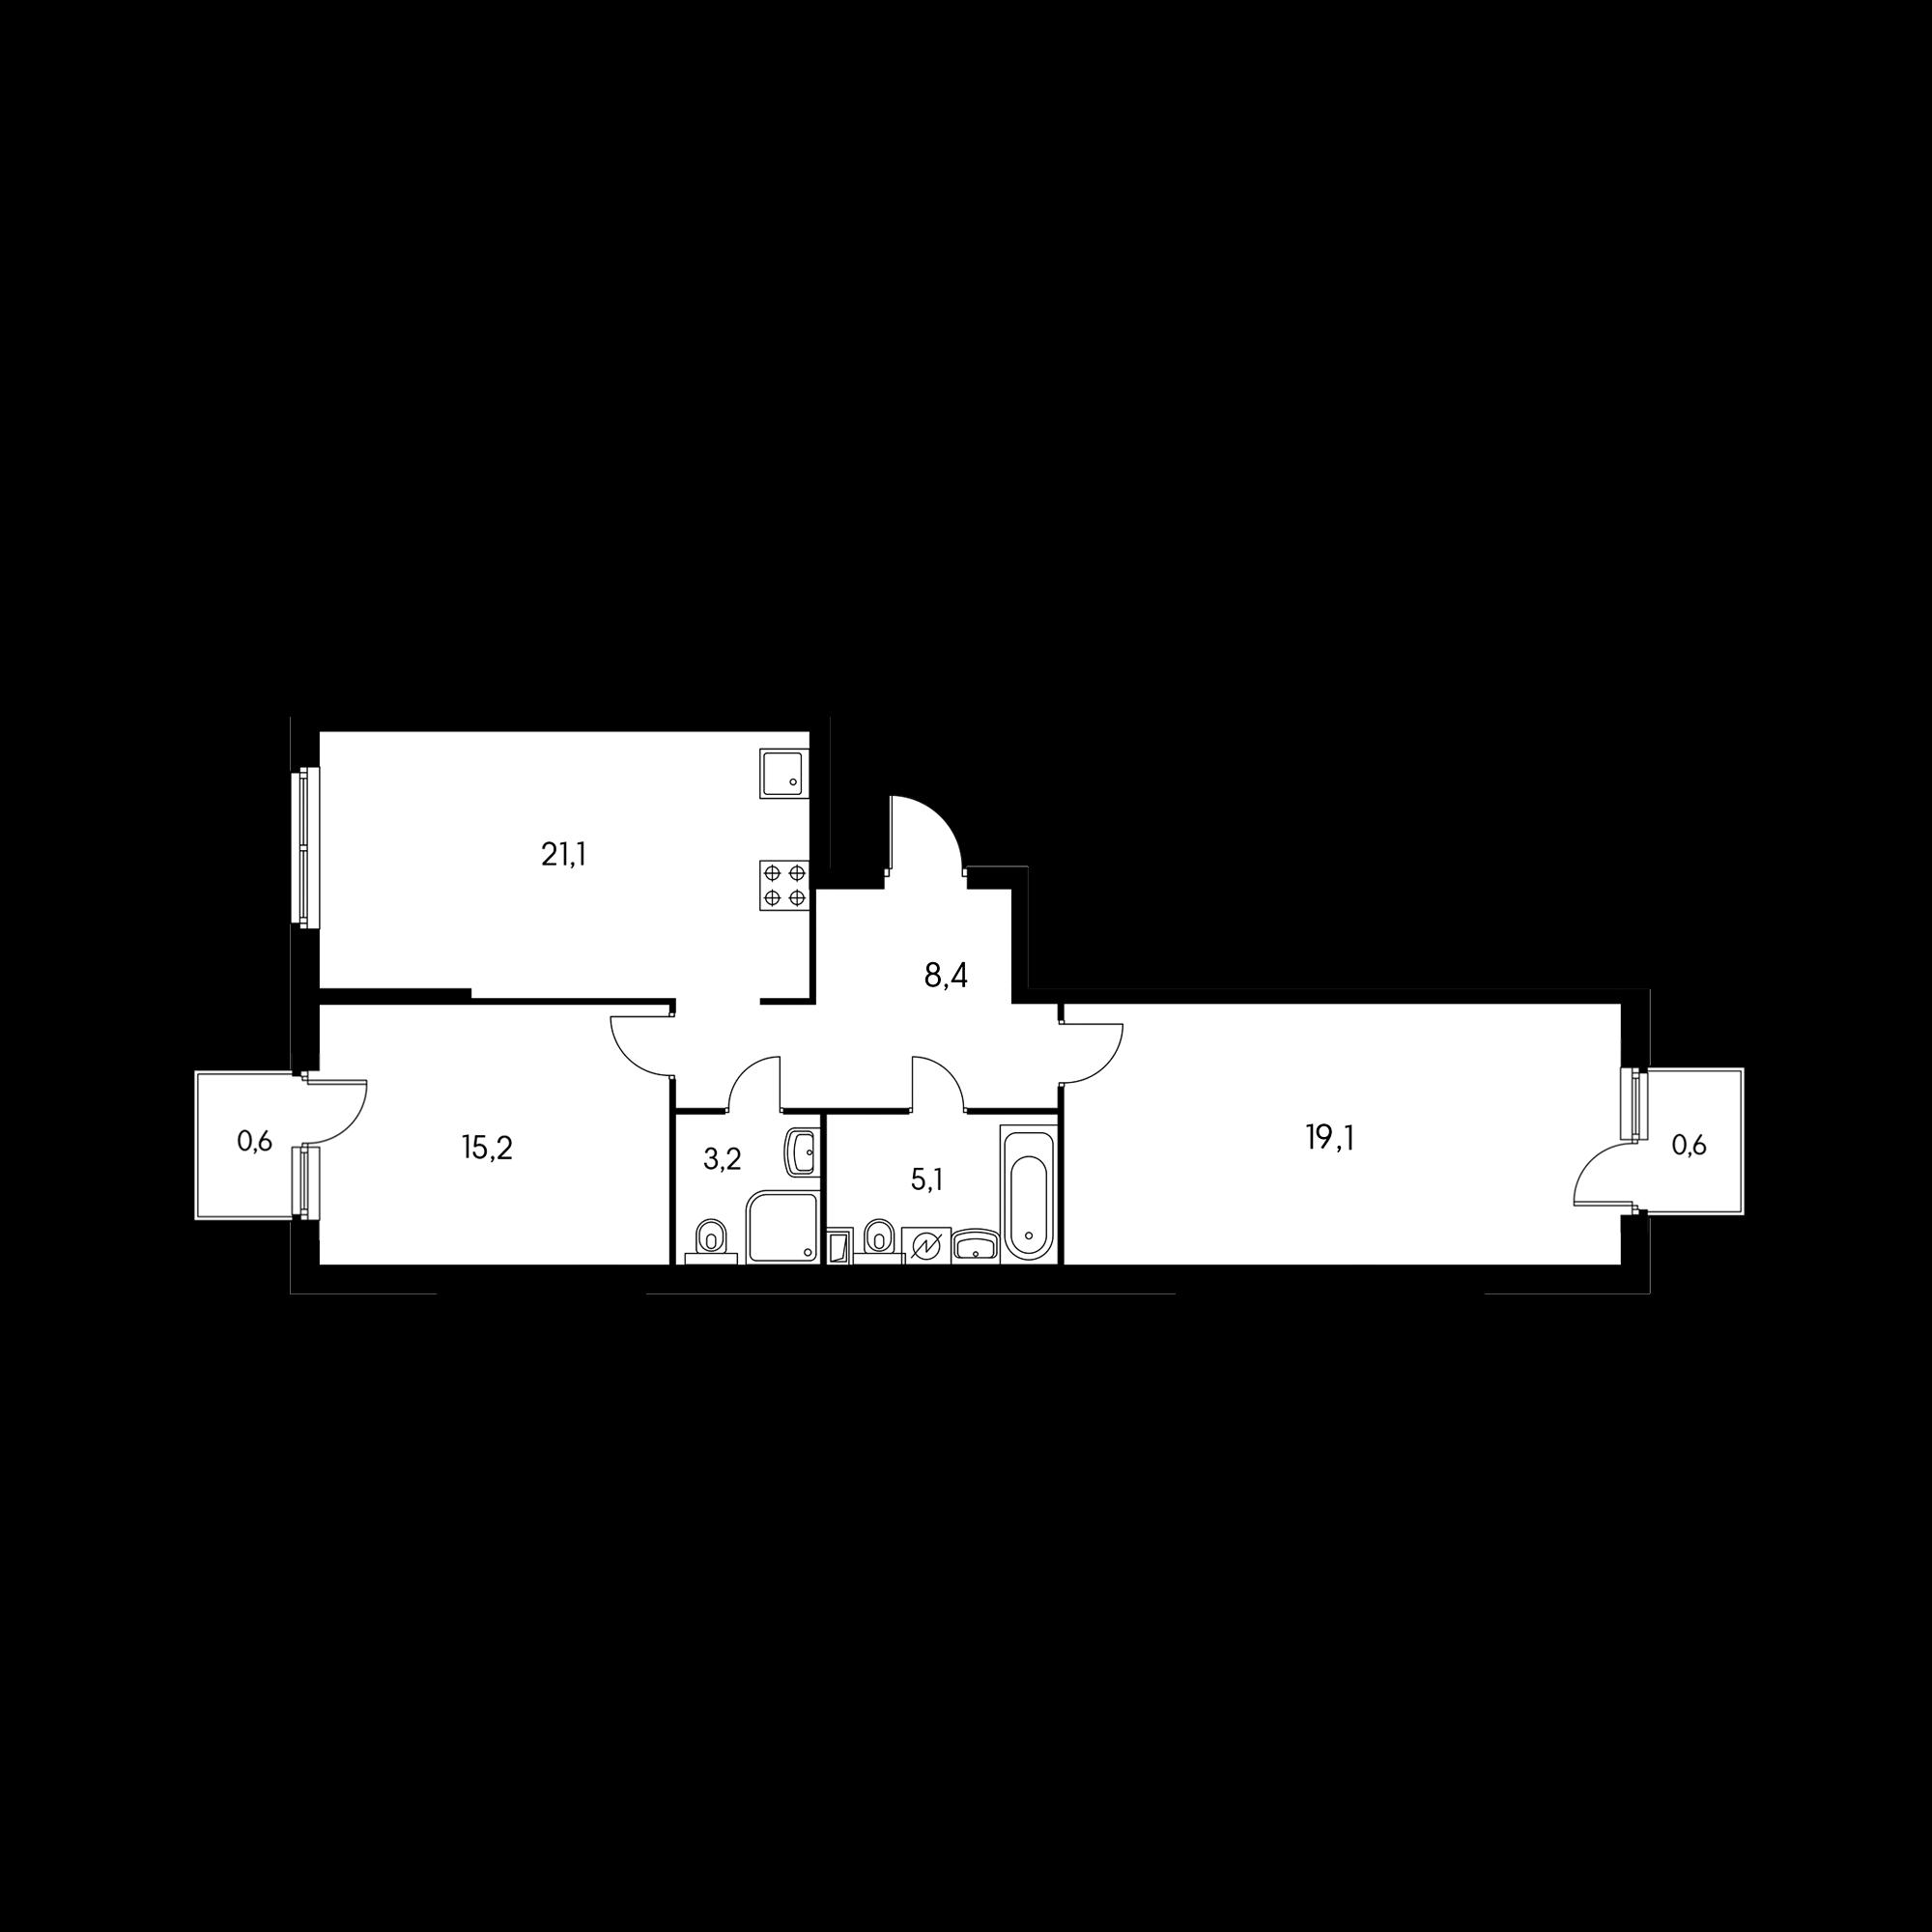 2EL3-B2